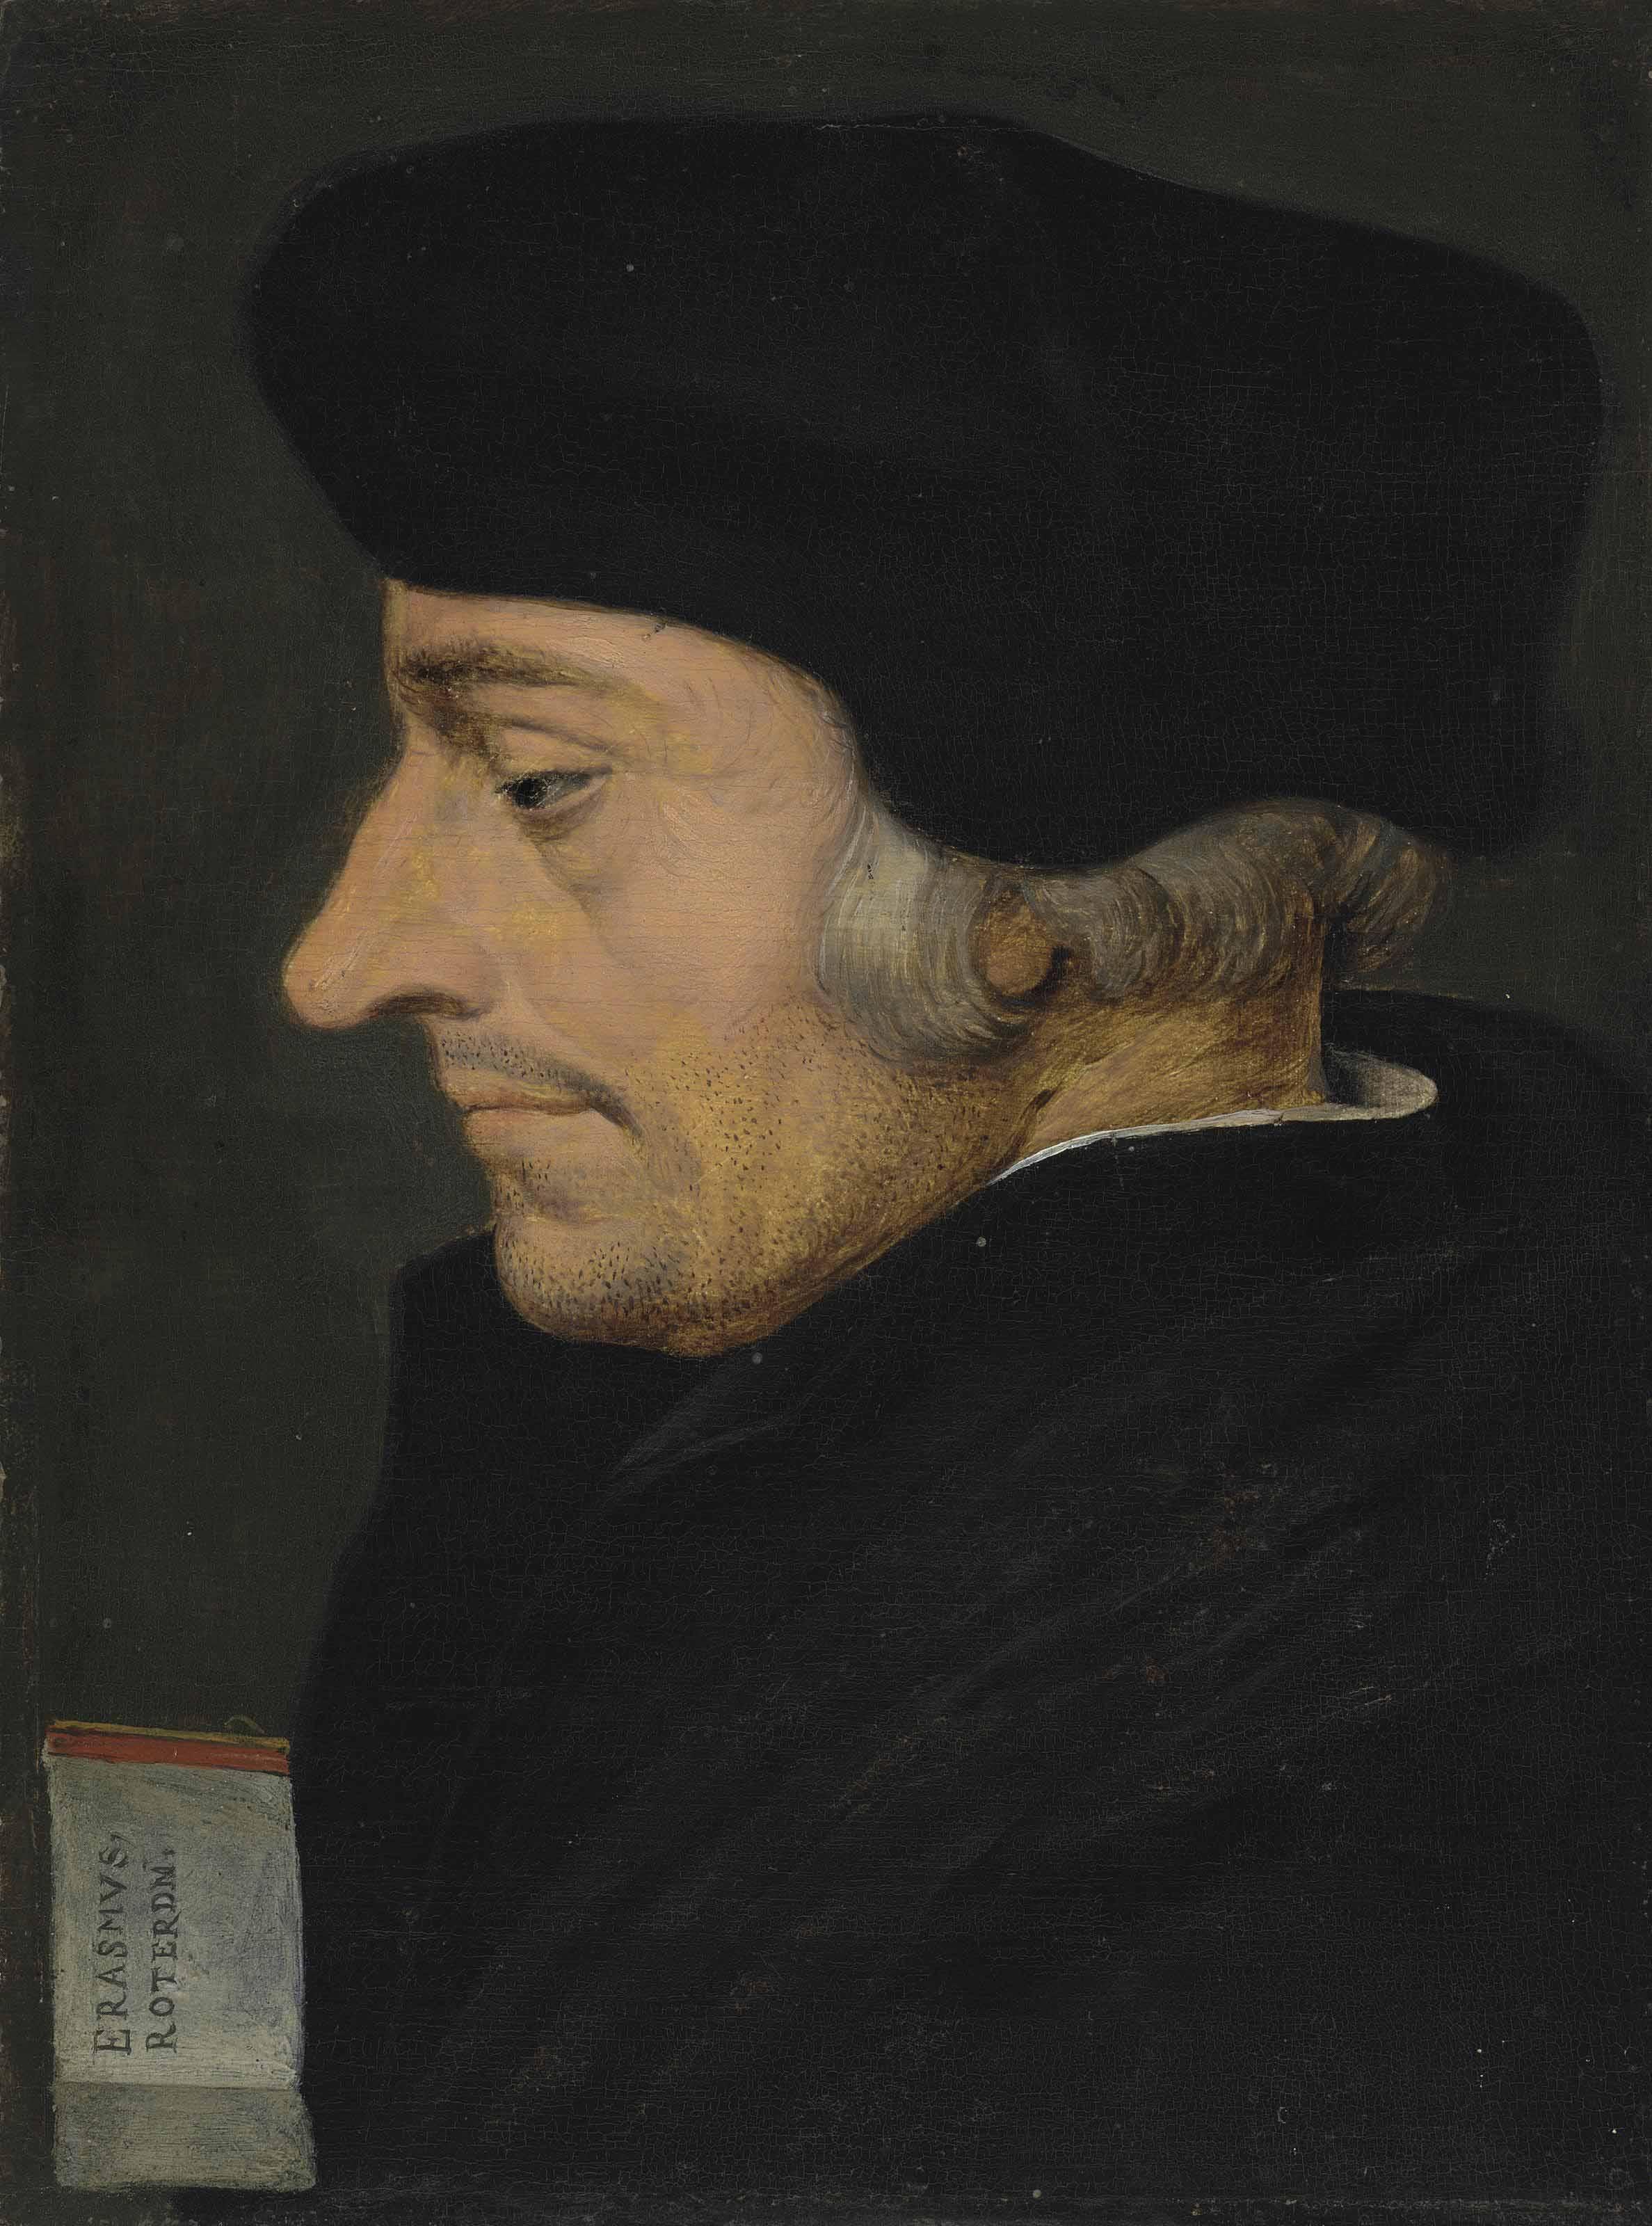 Pieter Brueghel II (Brussels 1564/5-1637/8 Antwerp)